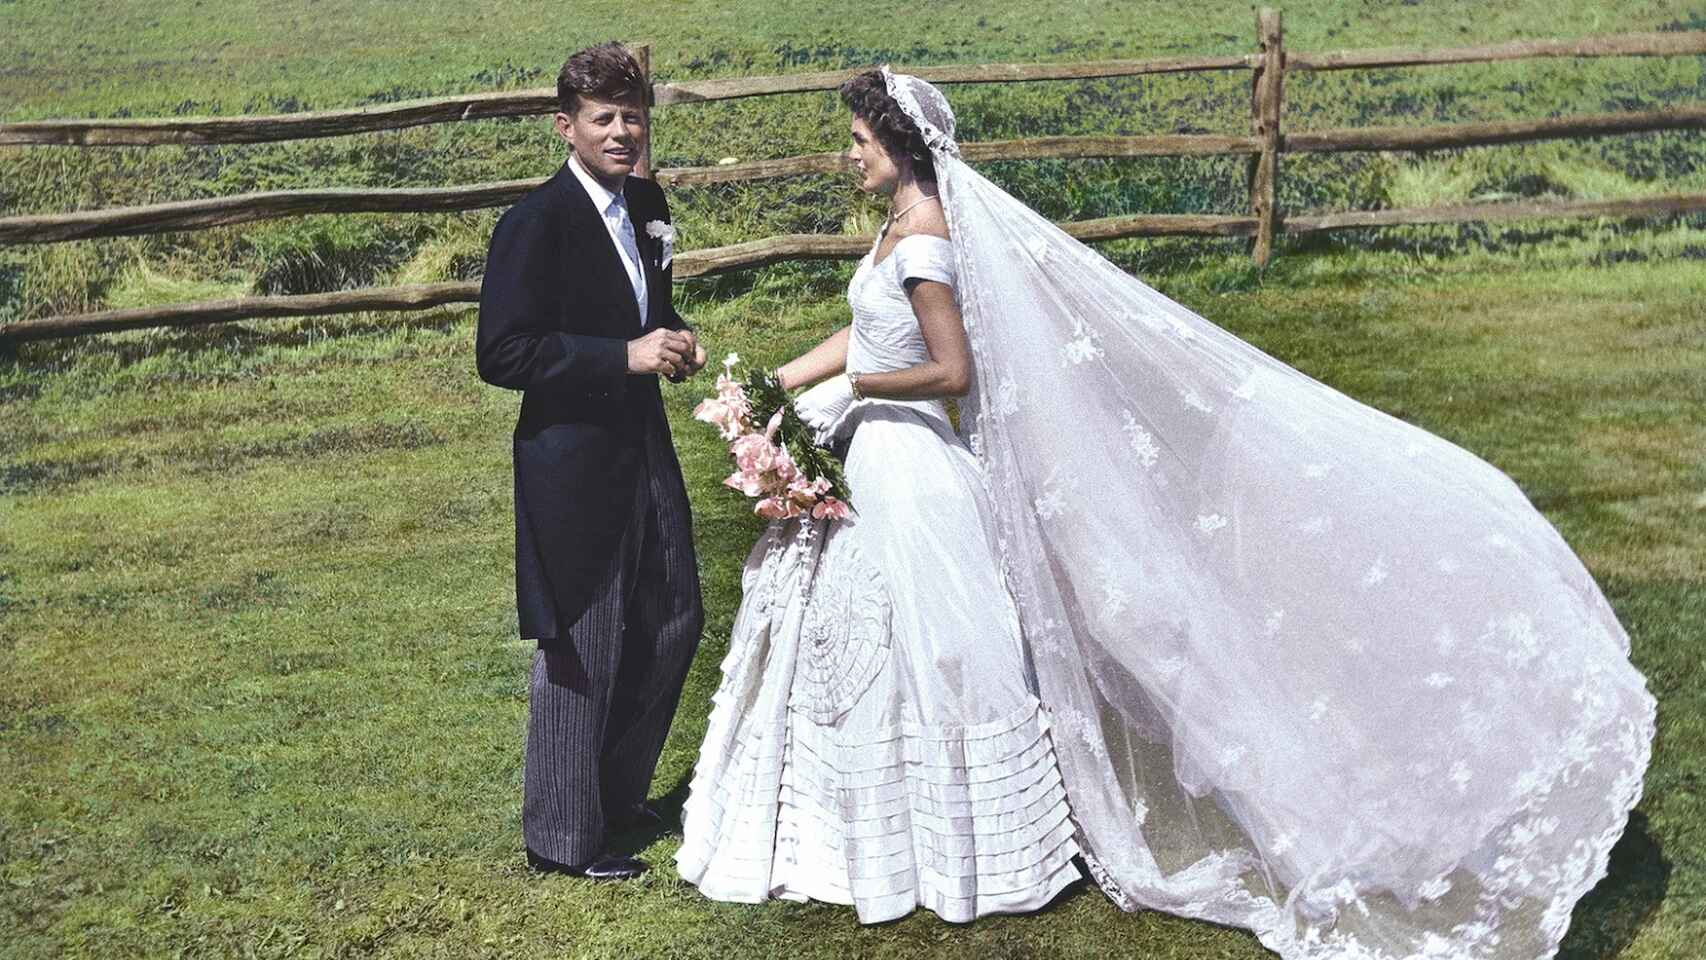 La boda de Kennedy y Jackie